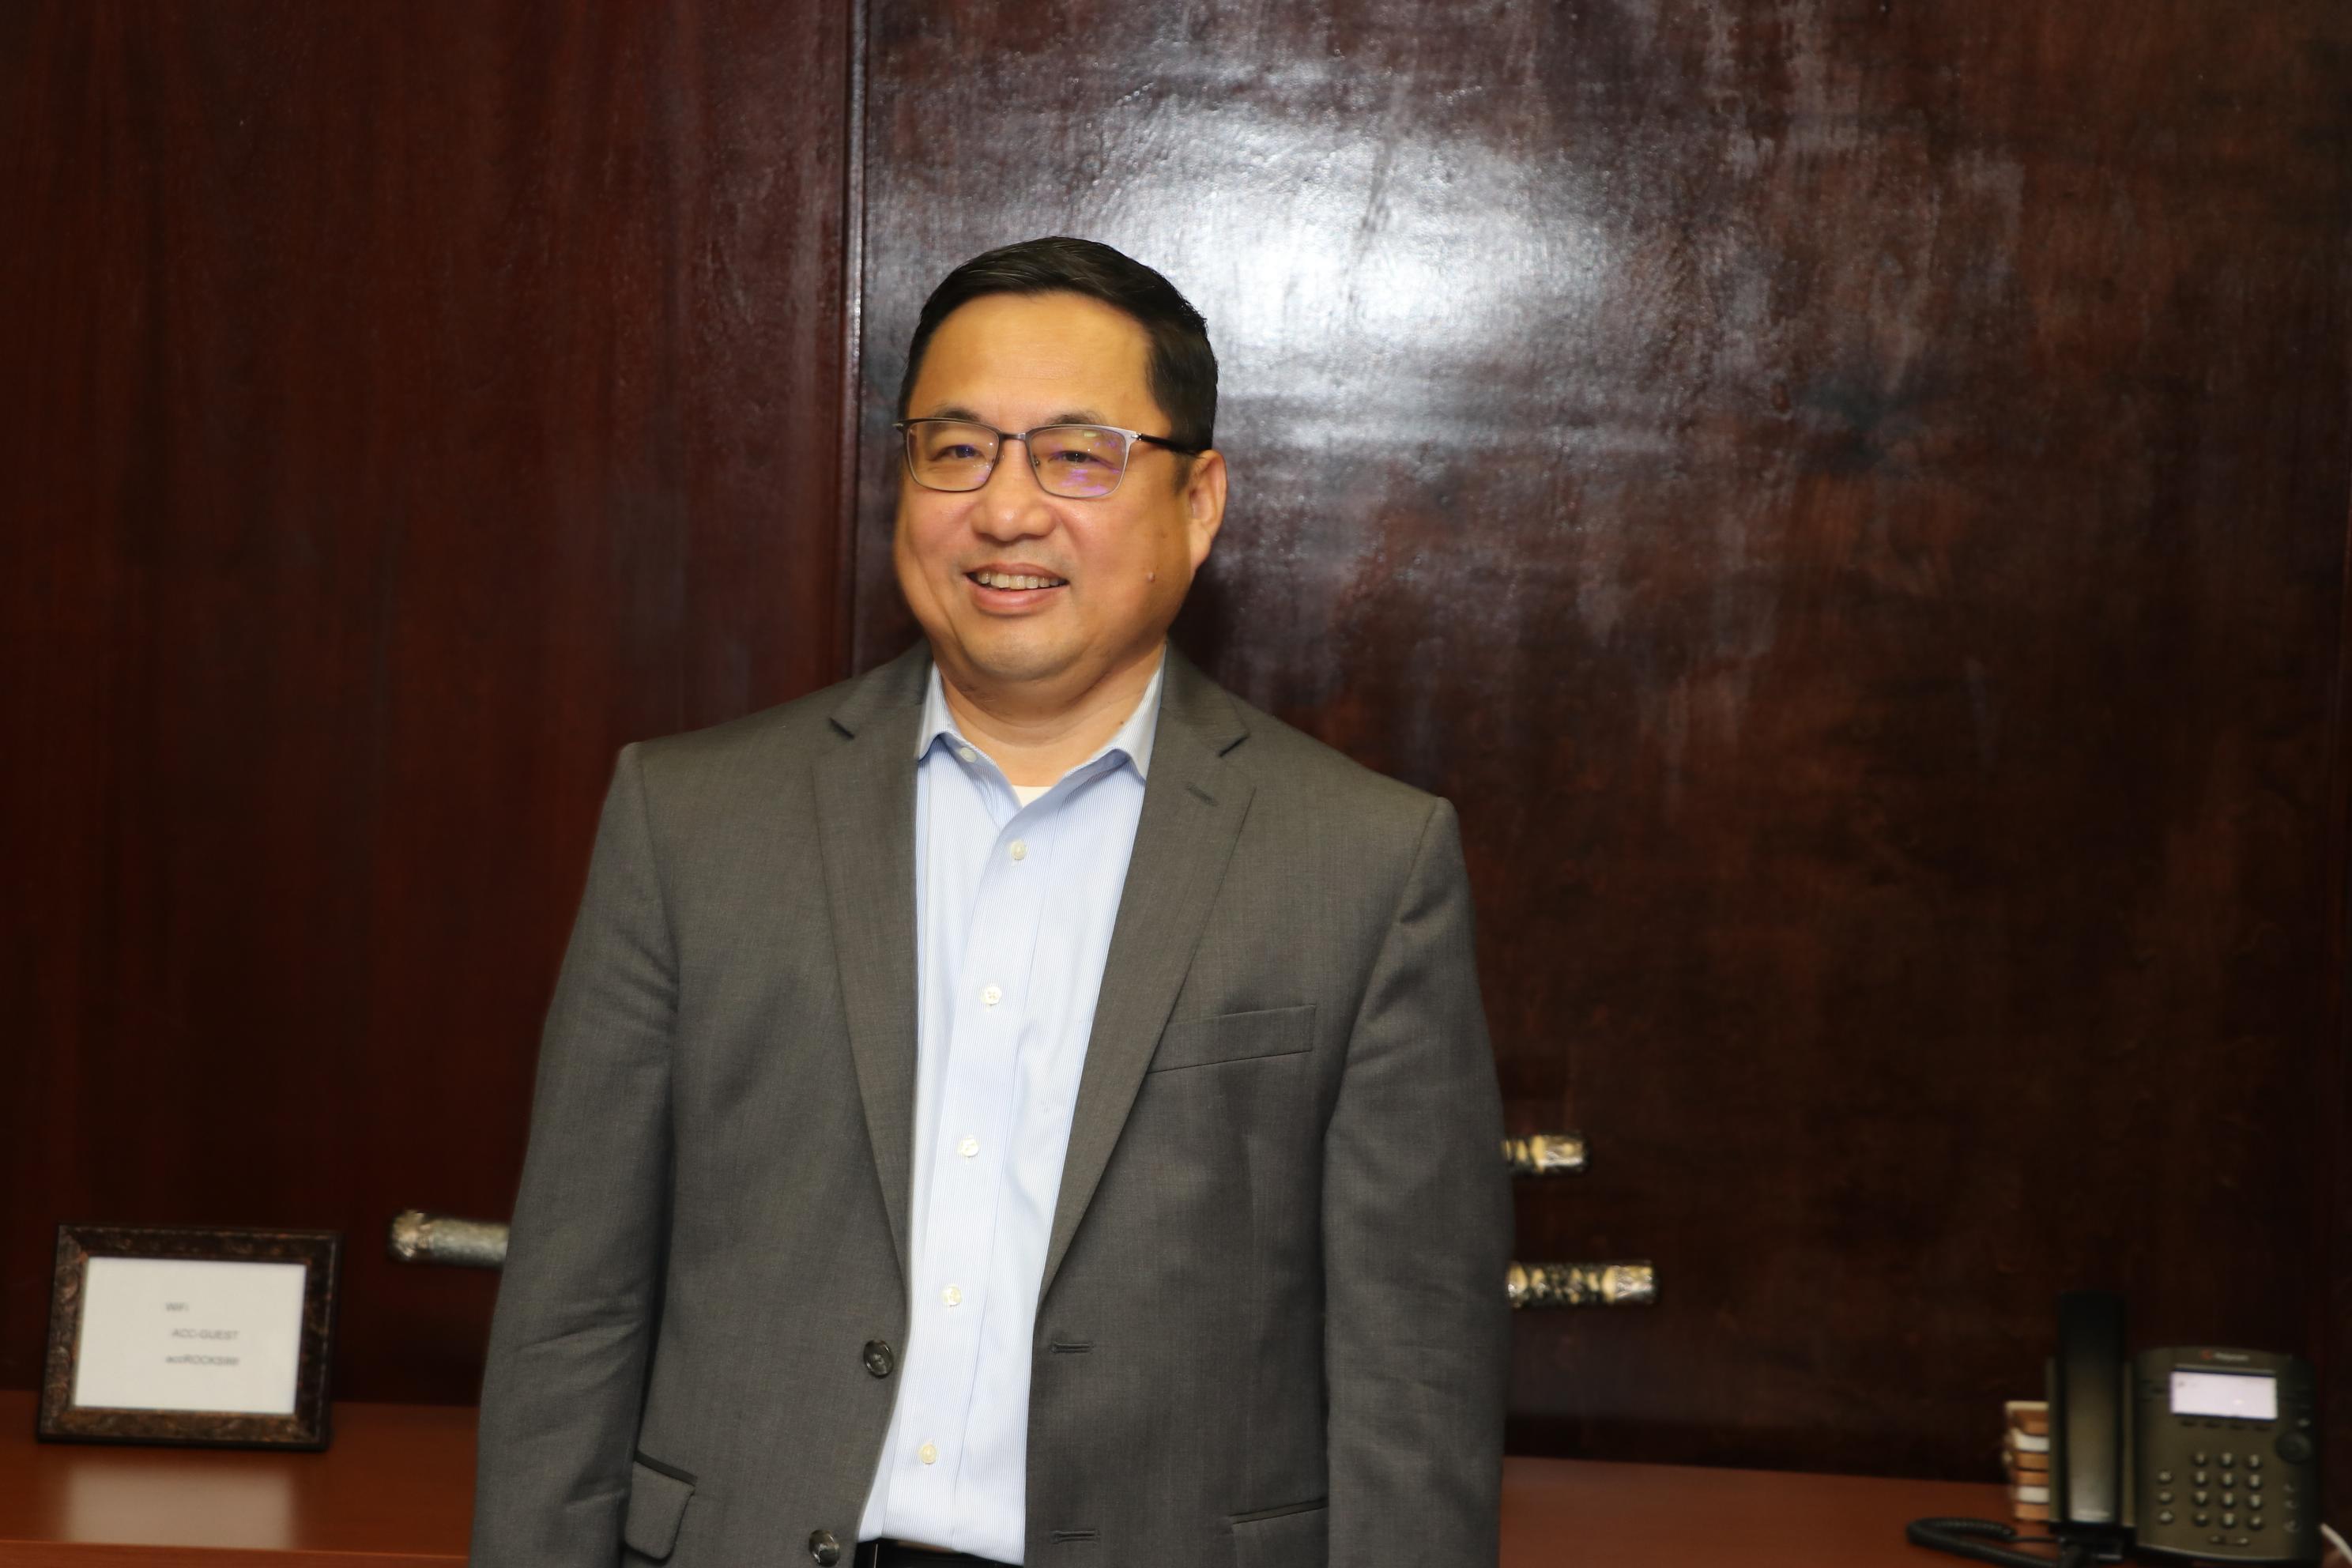 亞裔商會董事會主席喻斌表示,由於前三次培訓班辦的非常成功,華人社區反響熱烈 ,因此他們決定早日開課。(記者封昌明/攝影)